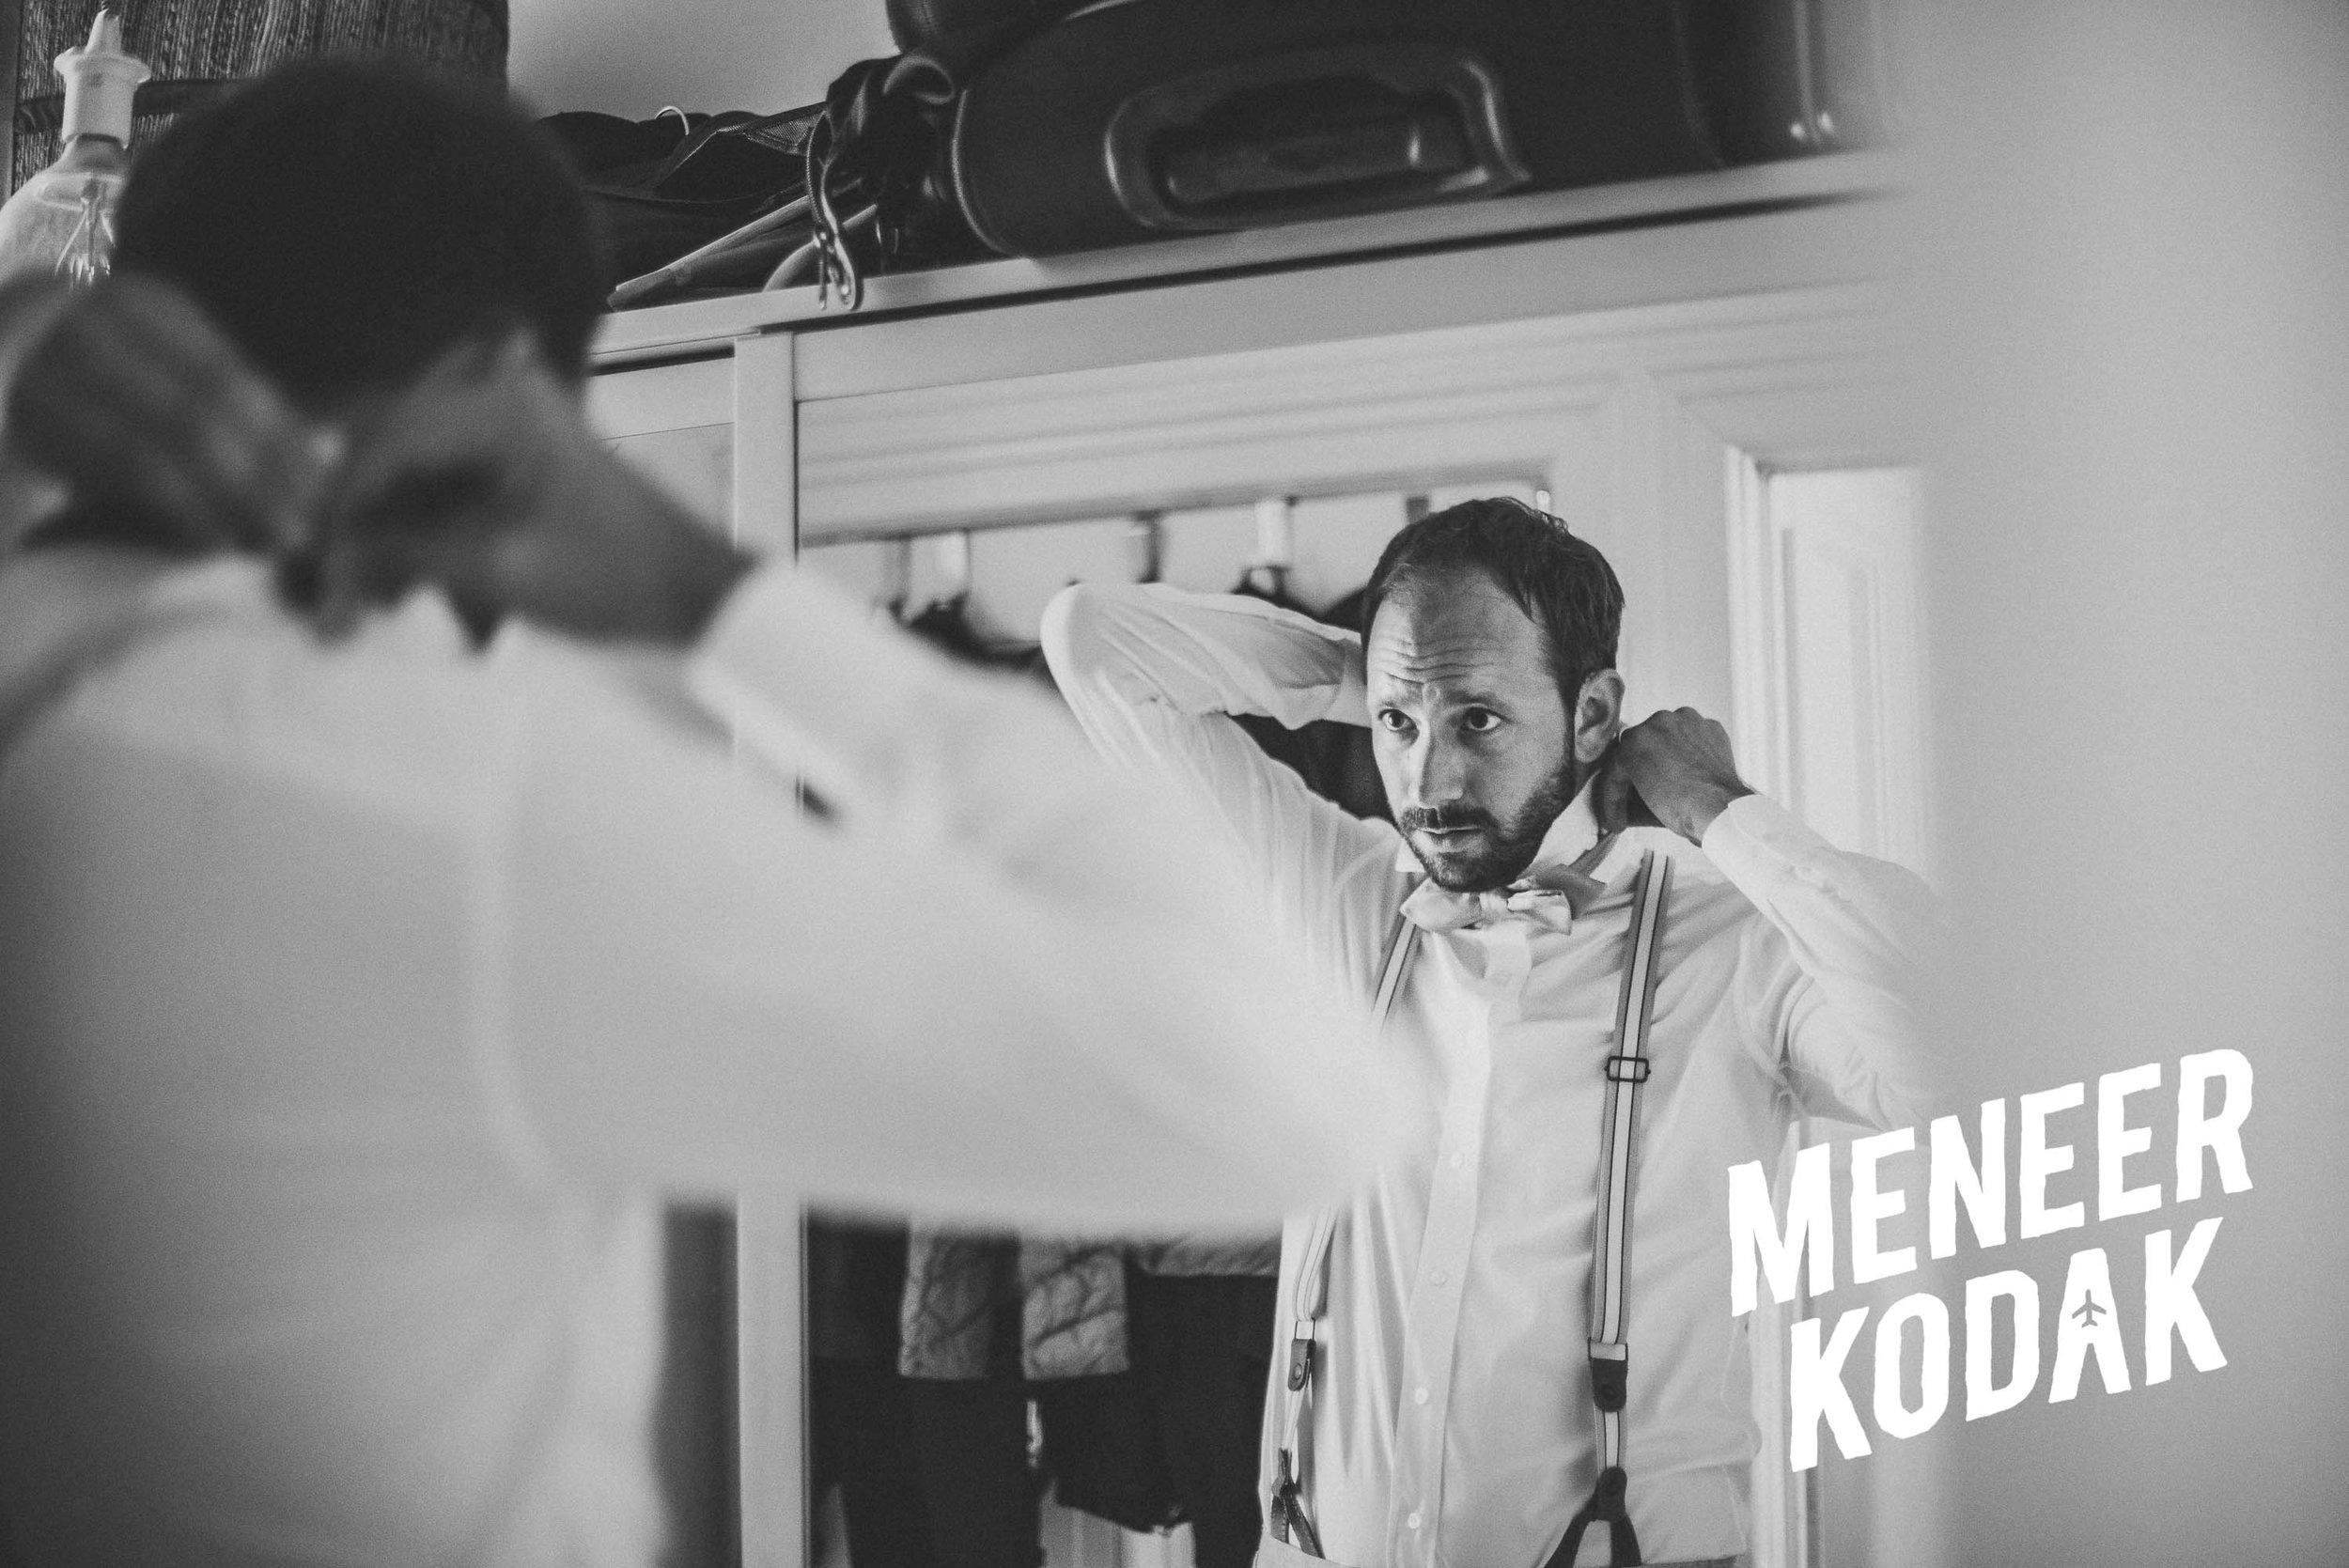 Meneer Kodak - Trouwfotograaf - Amsterdam - H&T-021.jpg